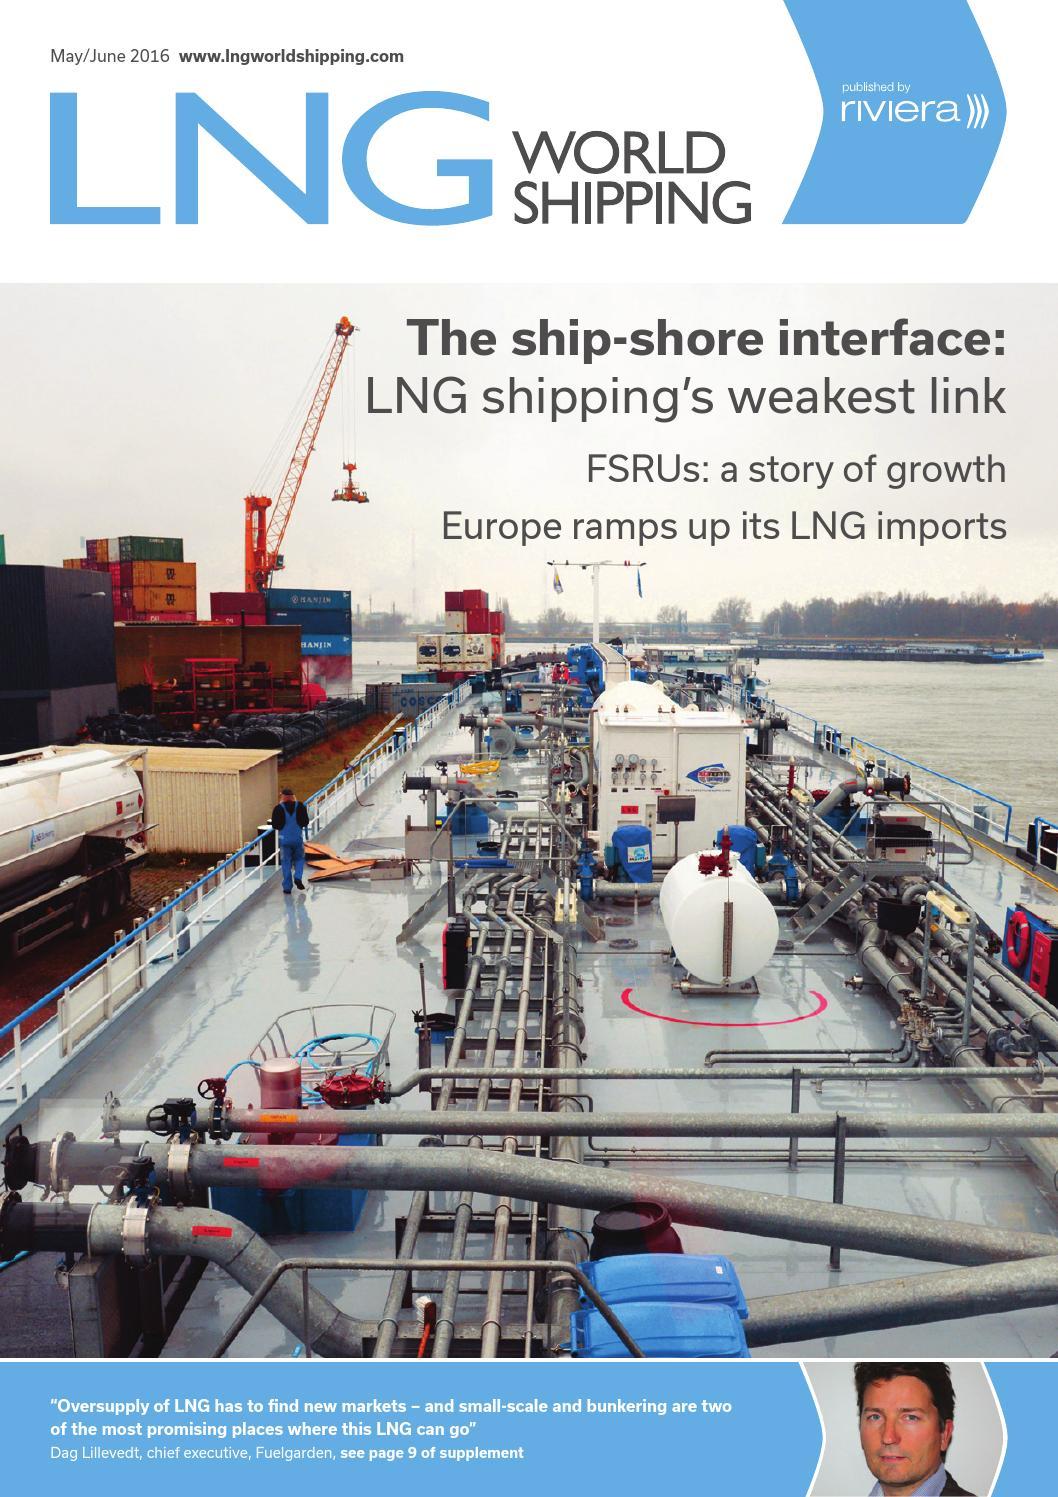 Lng World Shipping May June16 By Rivieramaritimemedia Issuu